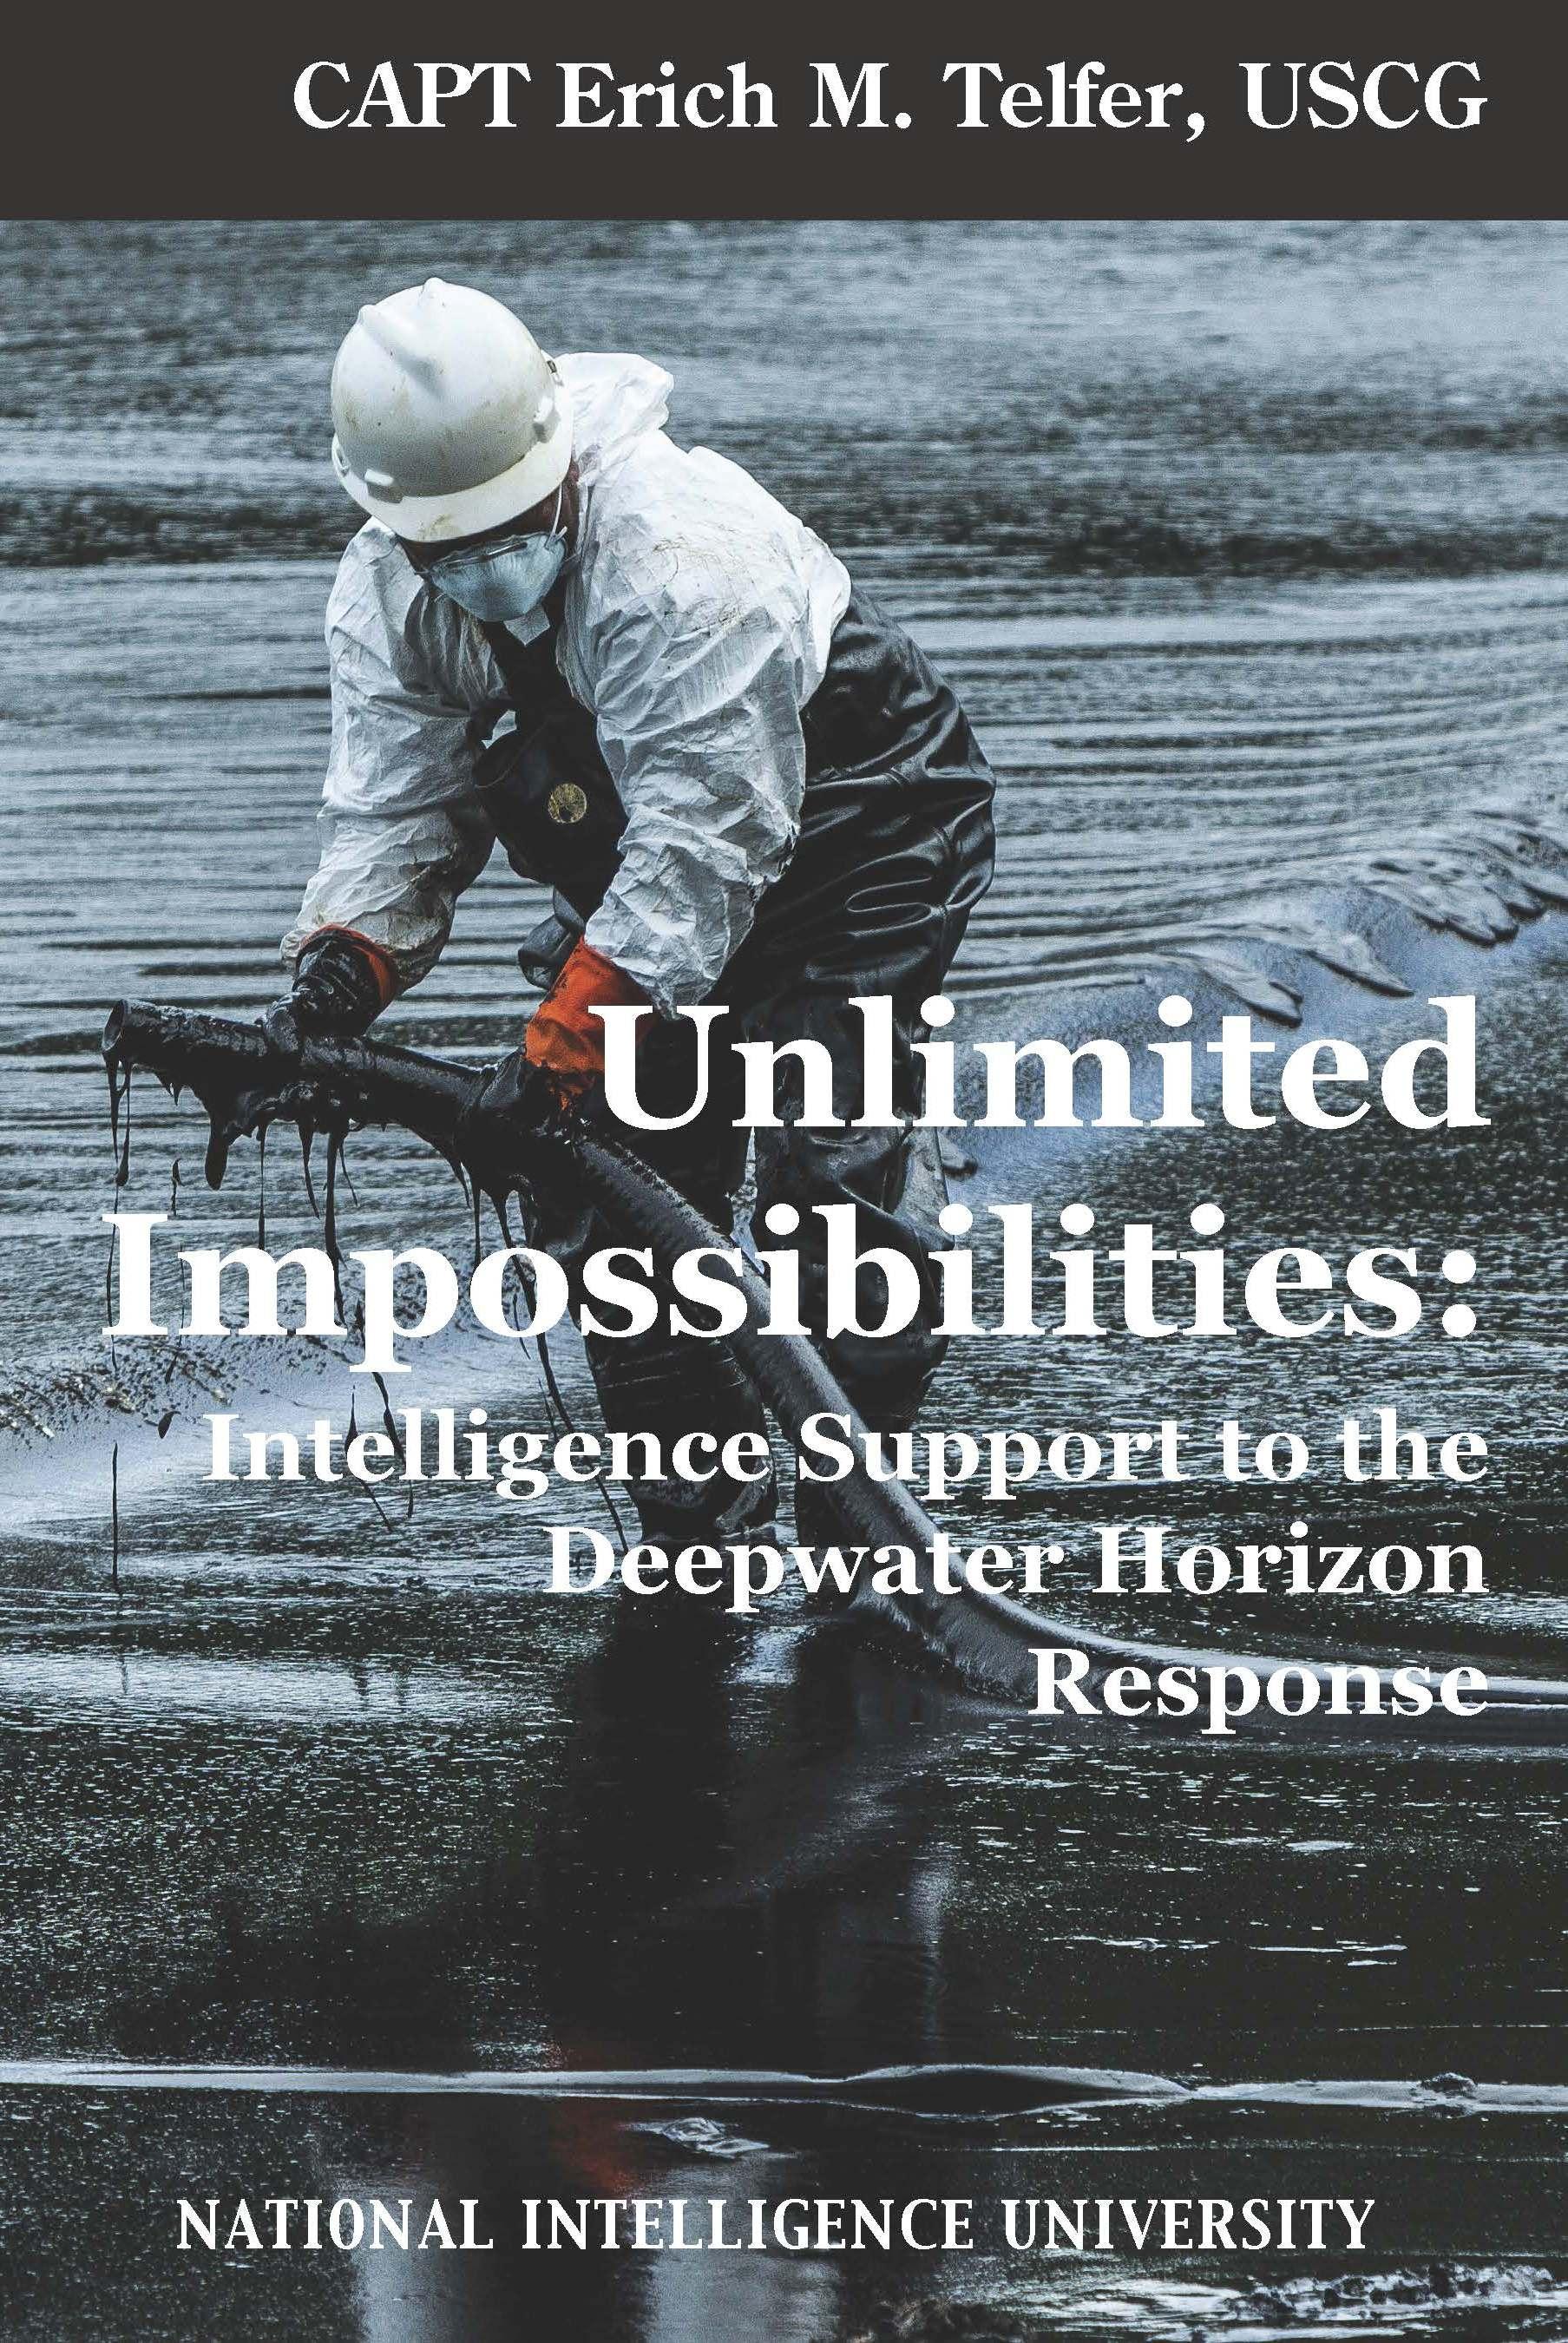 UnlimitedImpossibilites